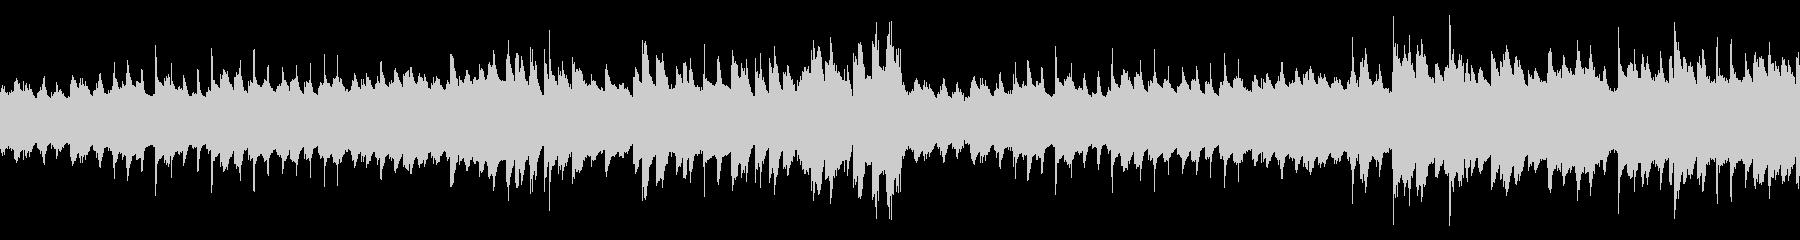 のどかで陽気なBGM(ループ仕様)の未再生の波形